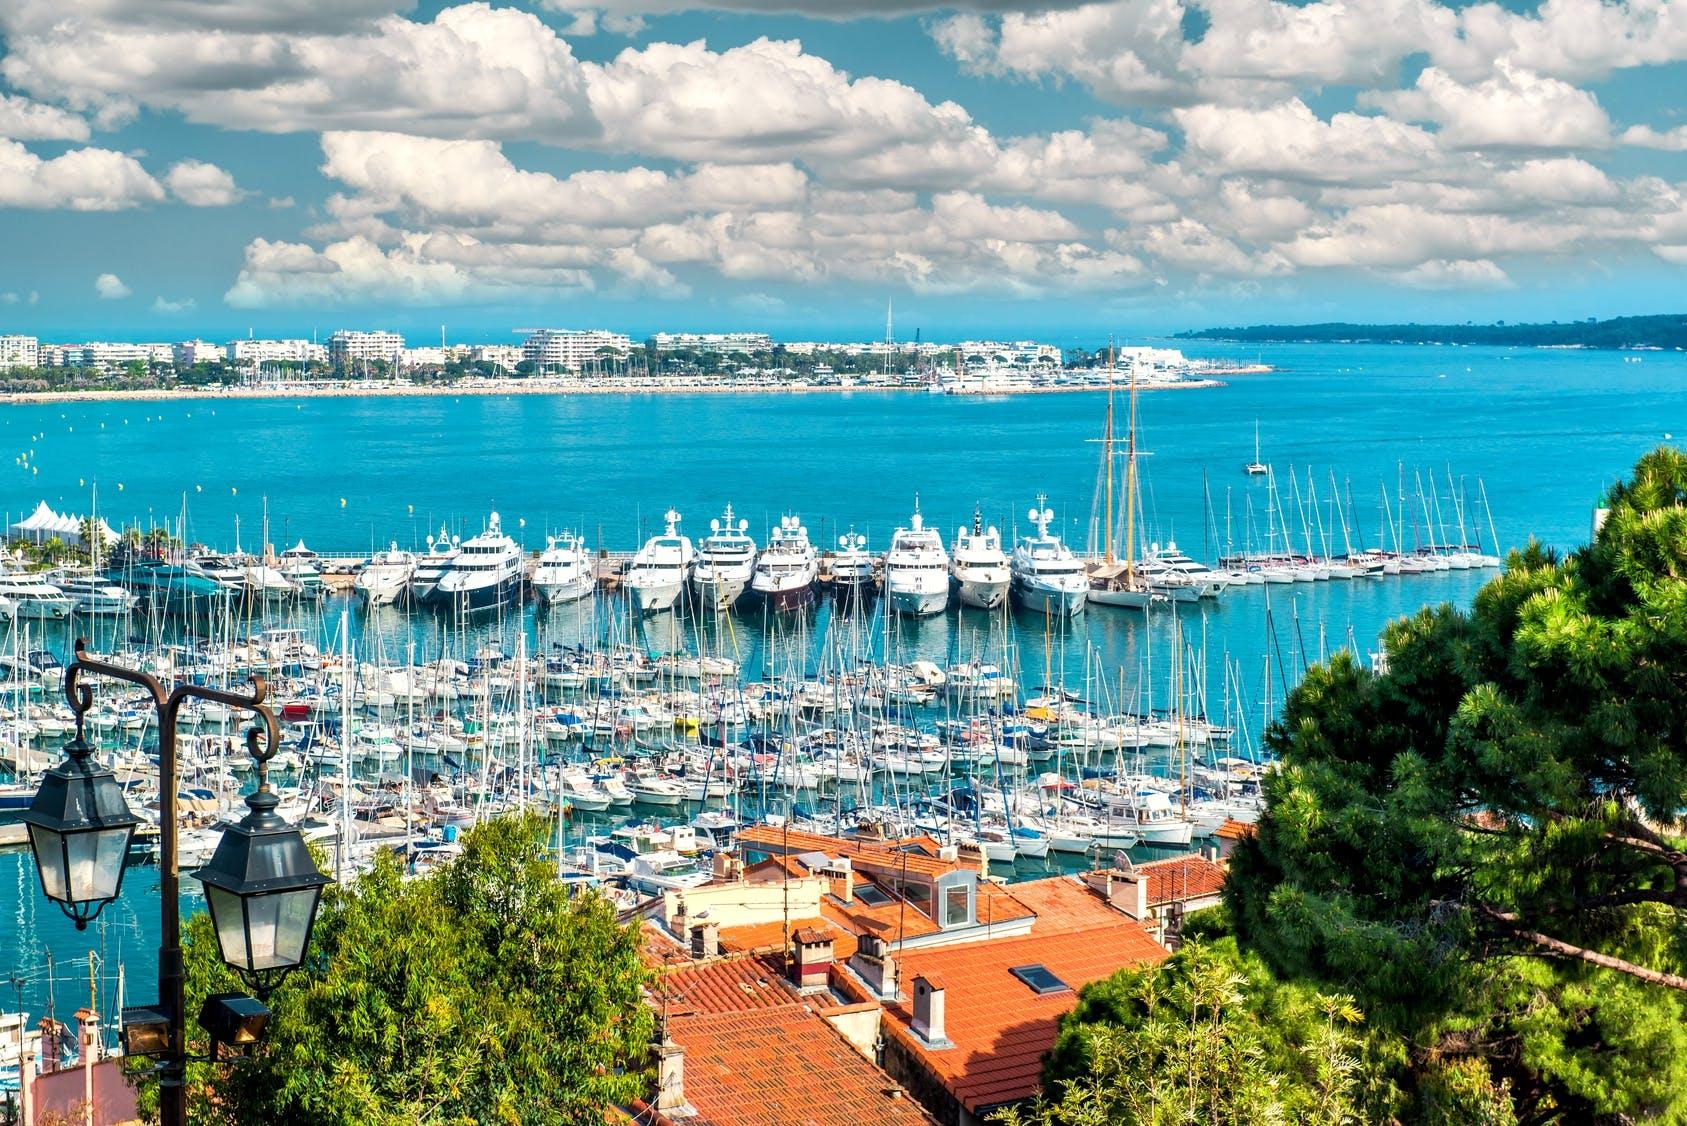 Tickets, museos, atracciones,Entradas a atracciones principales,Tour por Niza,Excursión a Cannes,Excursión a Antibes